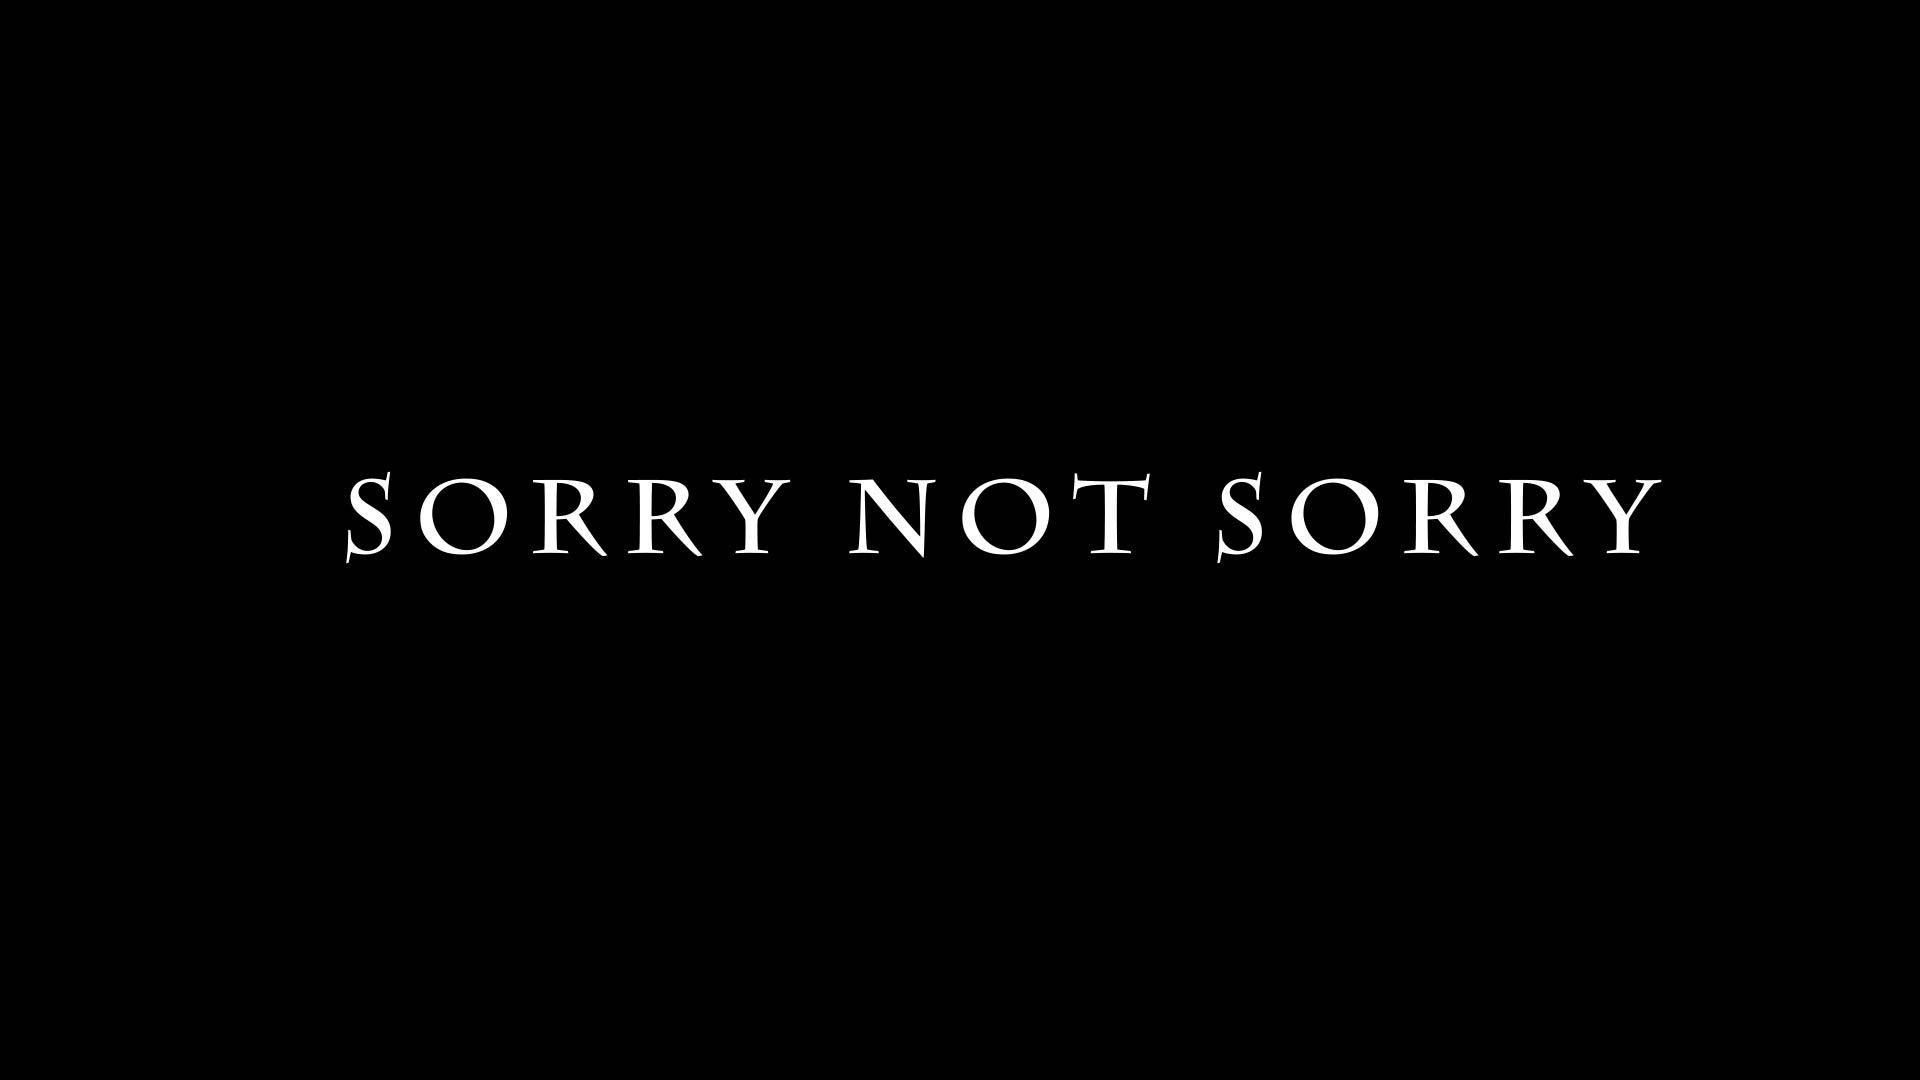 كيف يكون فن الاعتذار